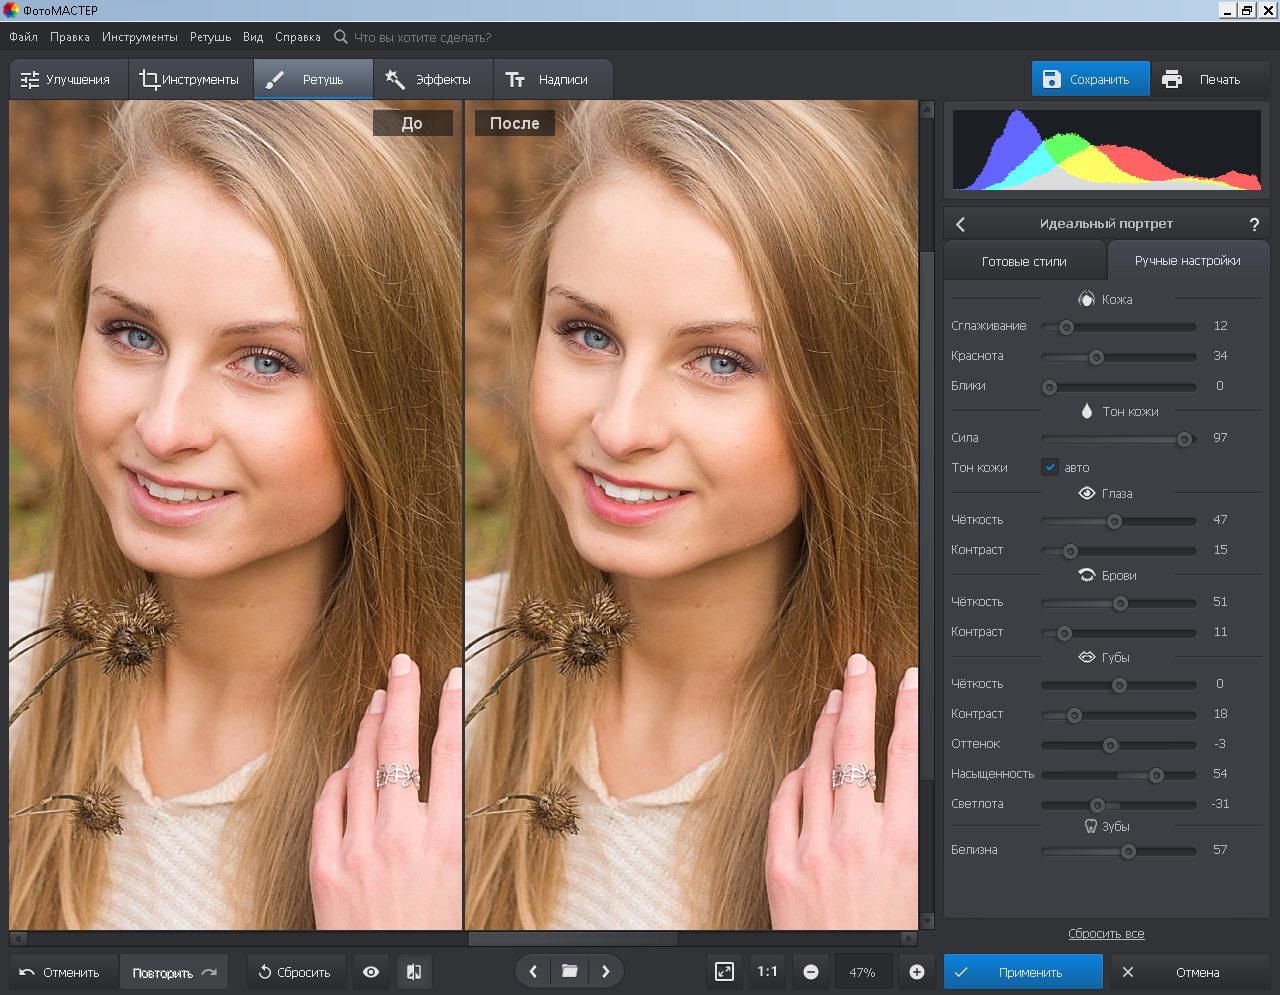 Автоматическая обработка фотографий в редакторе №1